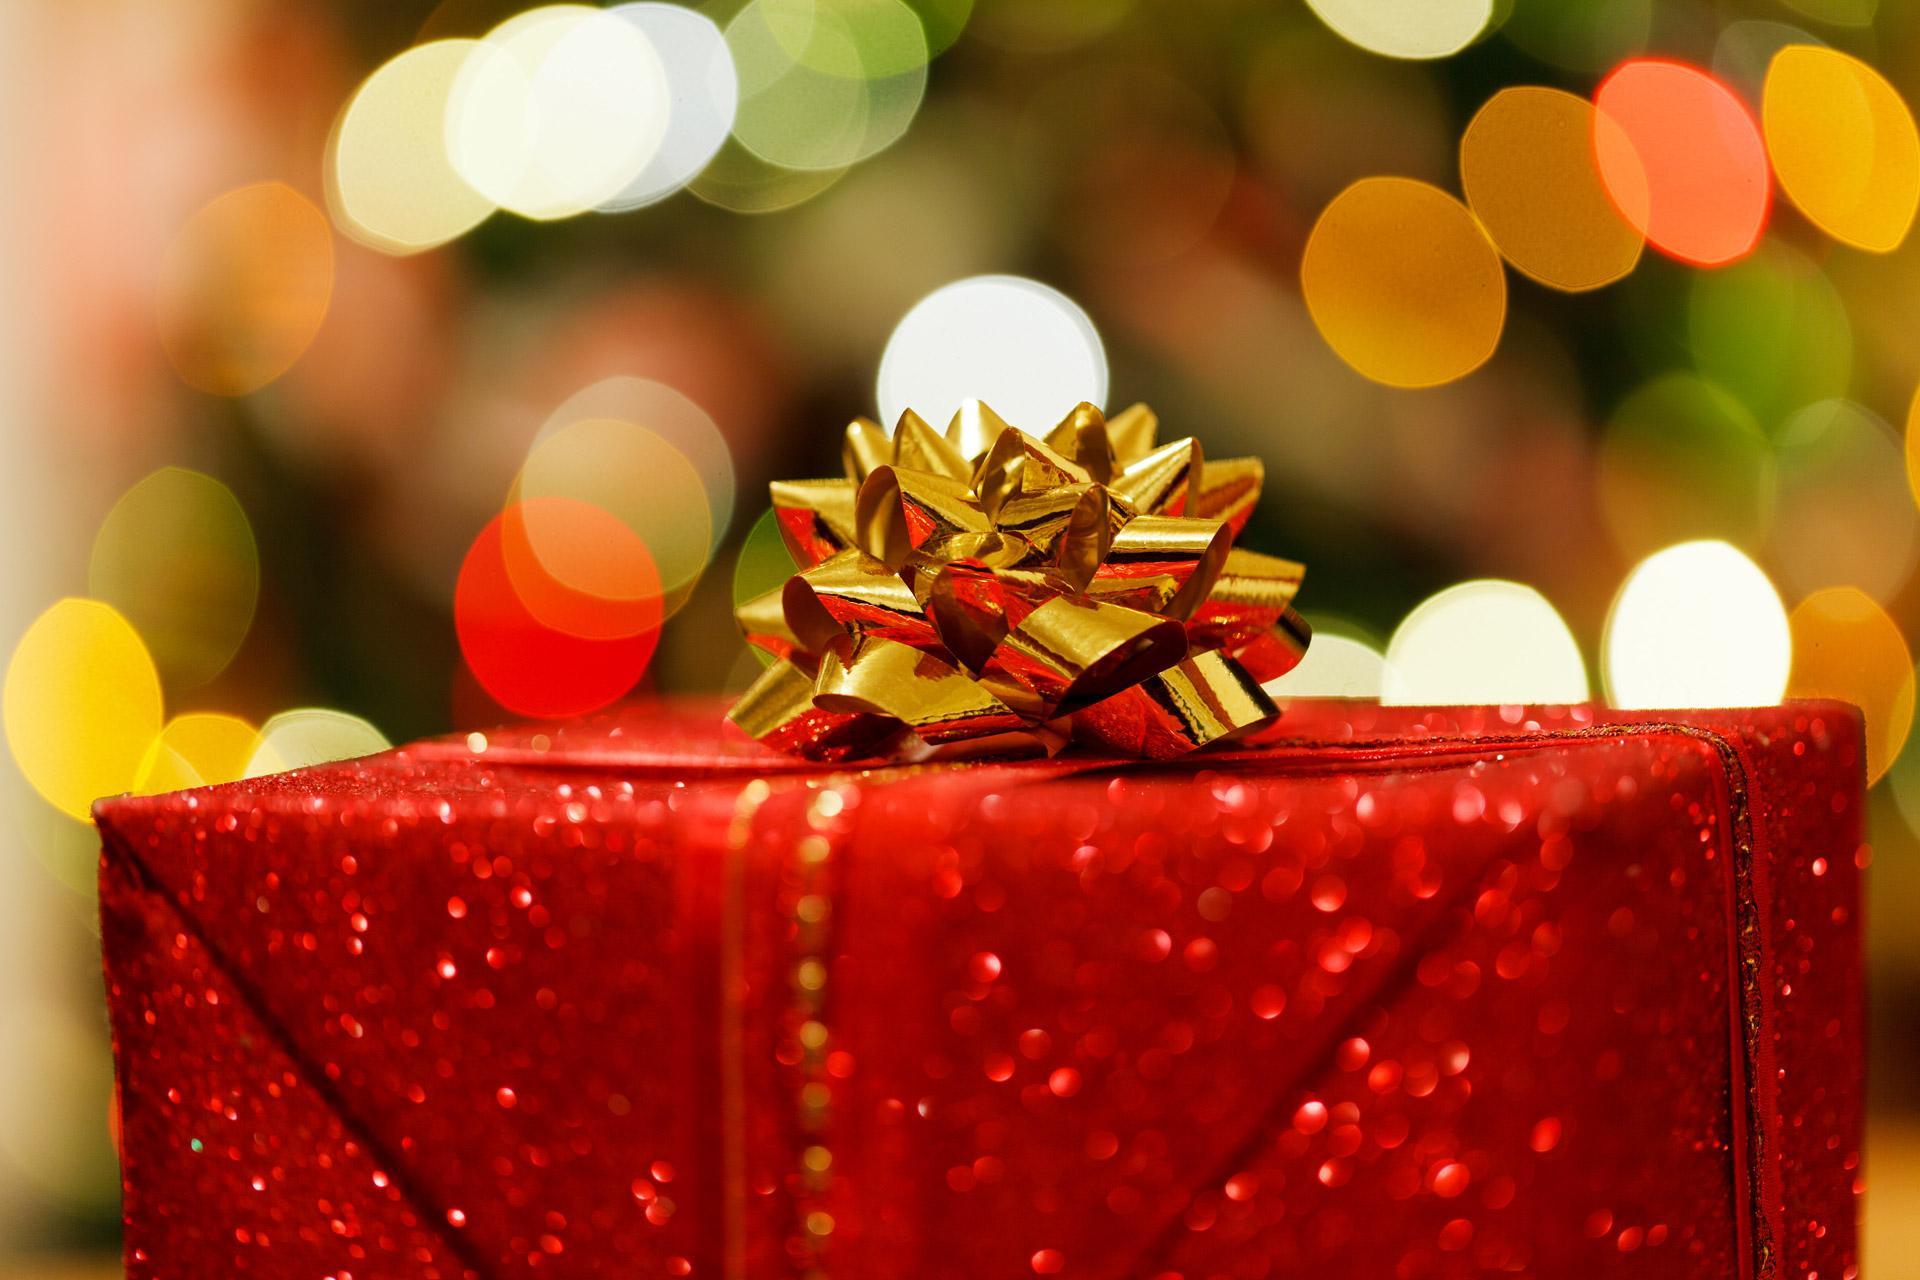 Regali Di Natale Ad Amici.Arriva Natale E Non Sapete Ancora Cosa Regalare Ad Amici E